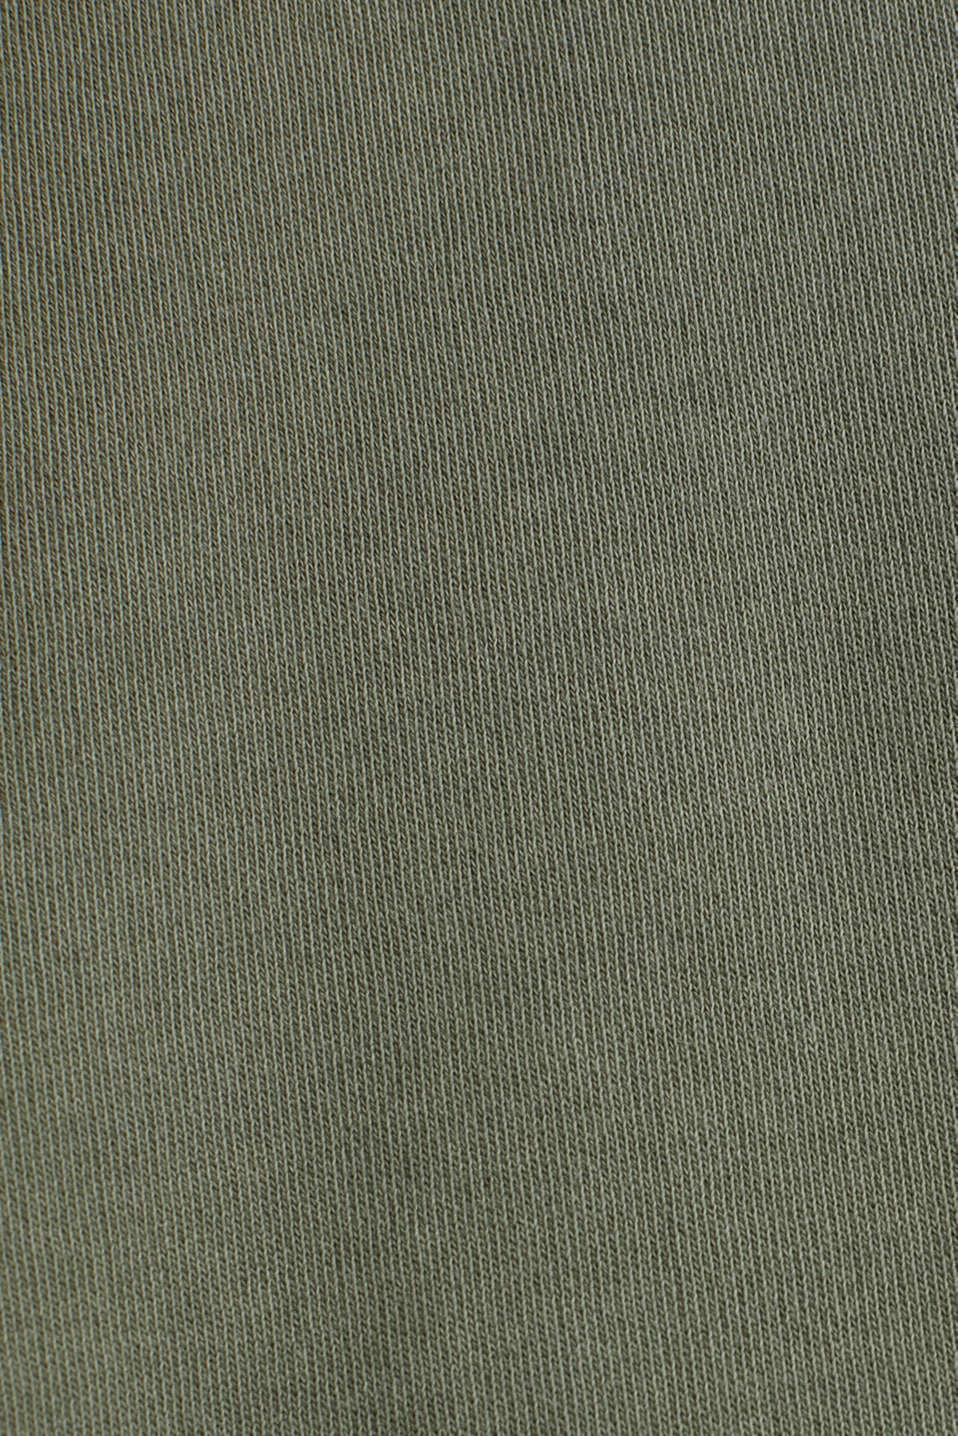 Sweatshirt dress made of 100% cotton, KHAKI GREEN, detail image number 3